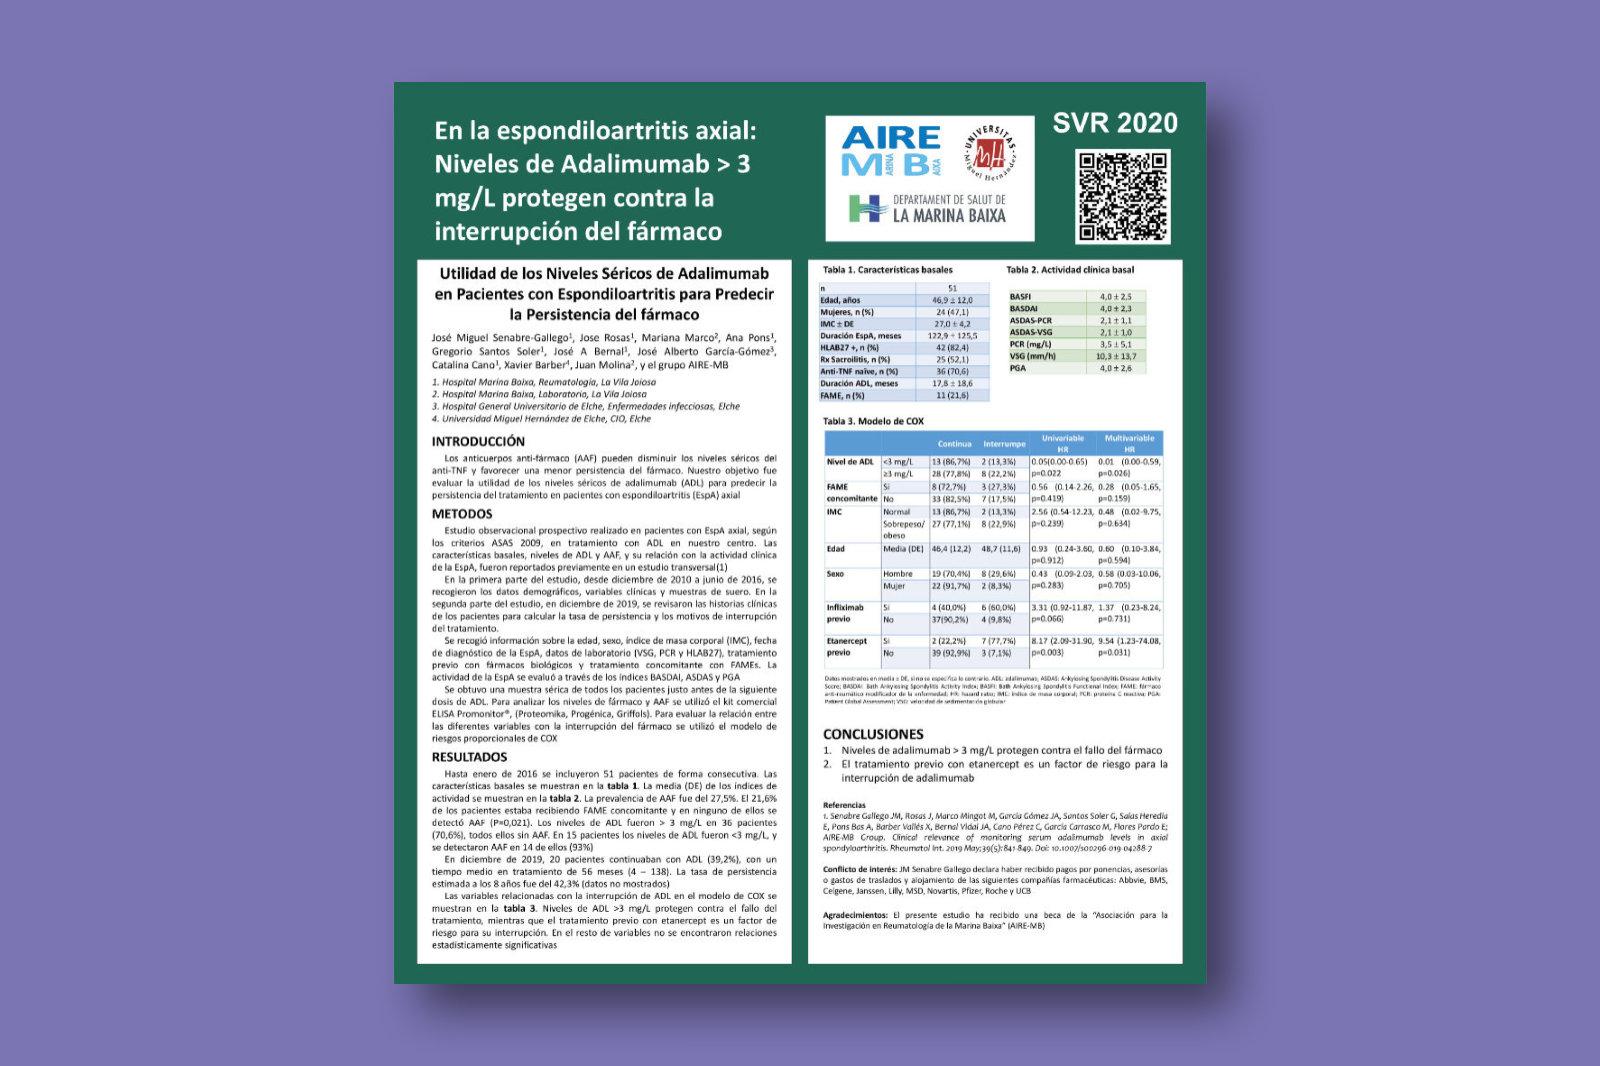 Utilidad de los niveles séricos de adalimumab en pacientes con espondiloartritis para predecir la persistencia del fármaco